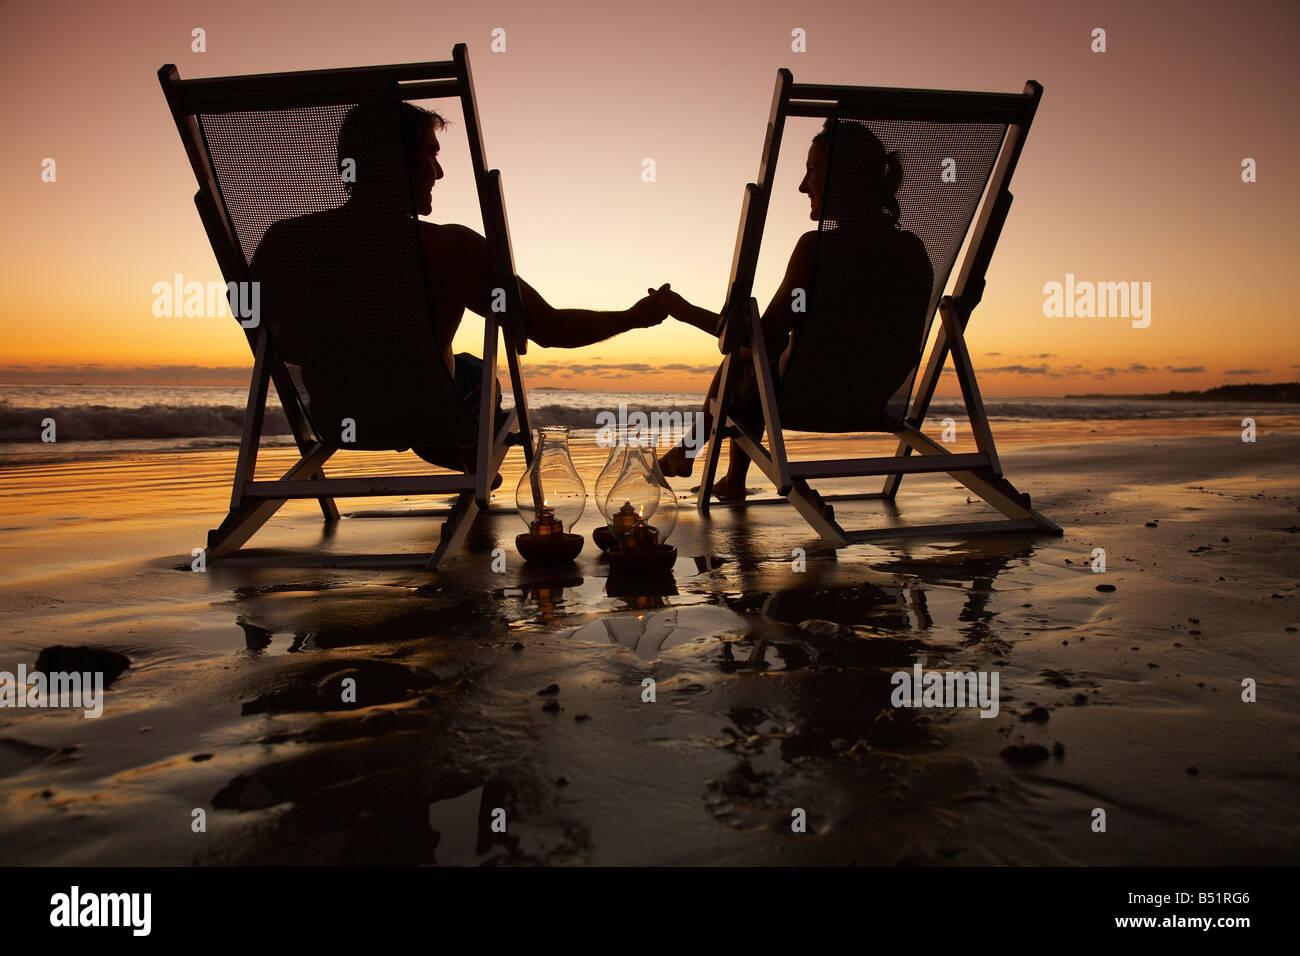 Par sentados en sillas de playa, en la playa al anochecer, México Foto de stock